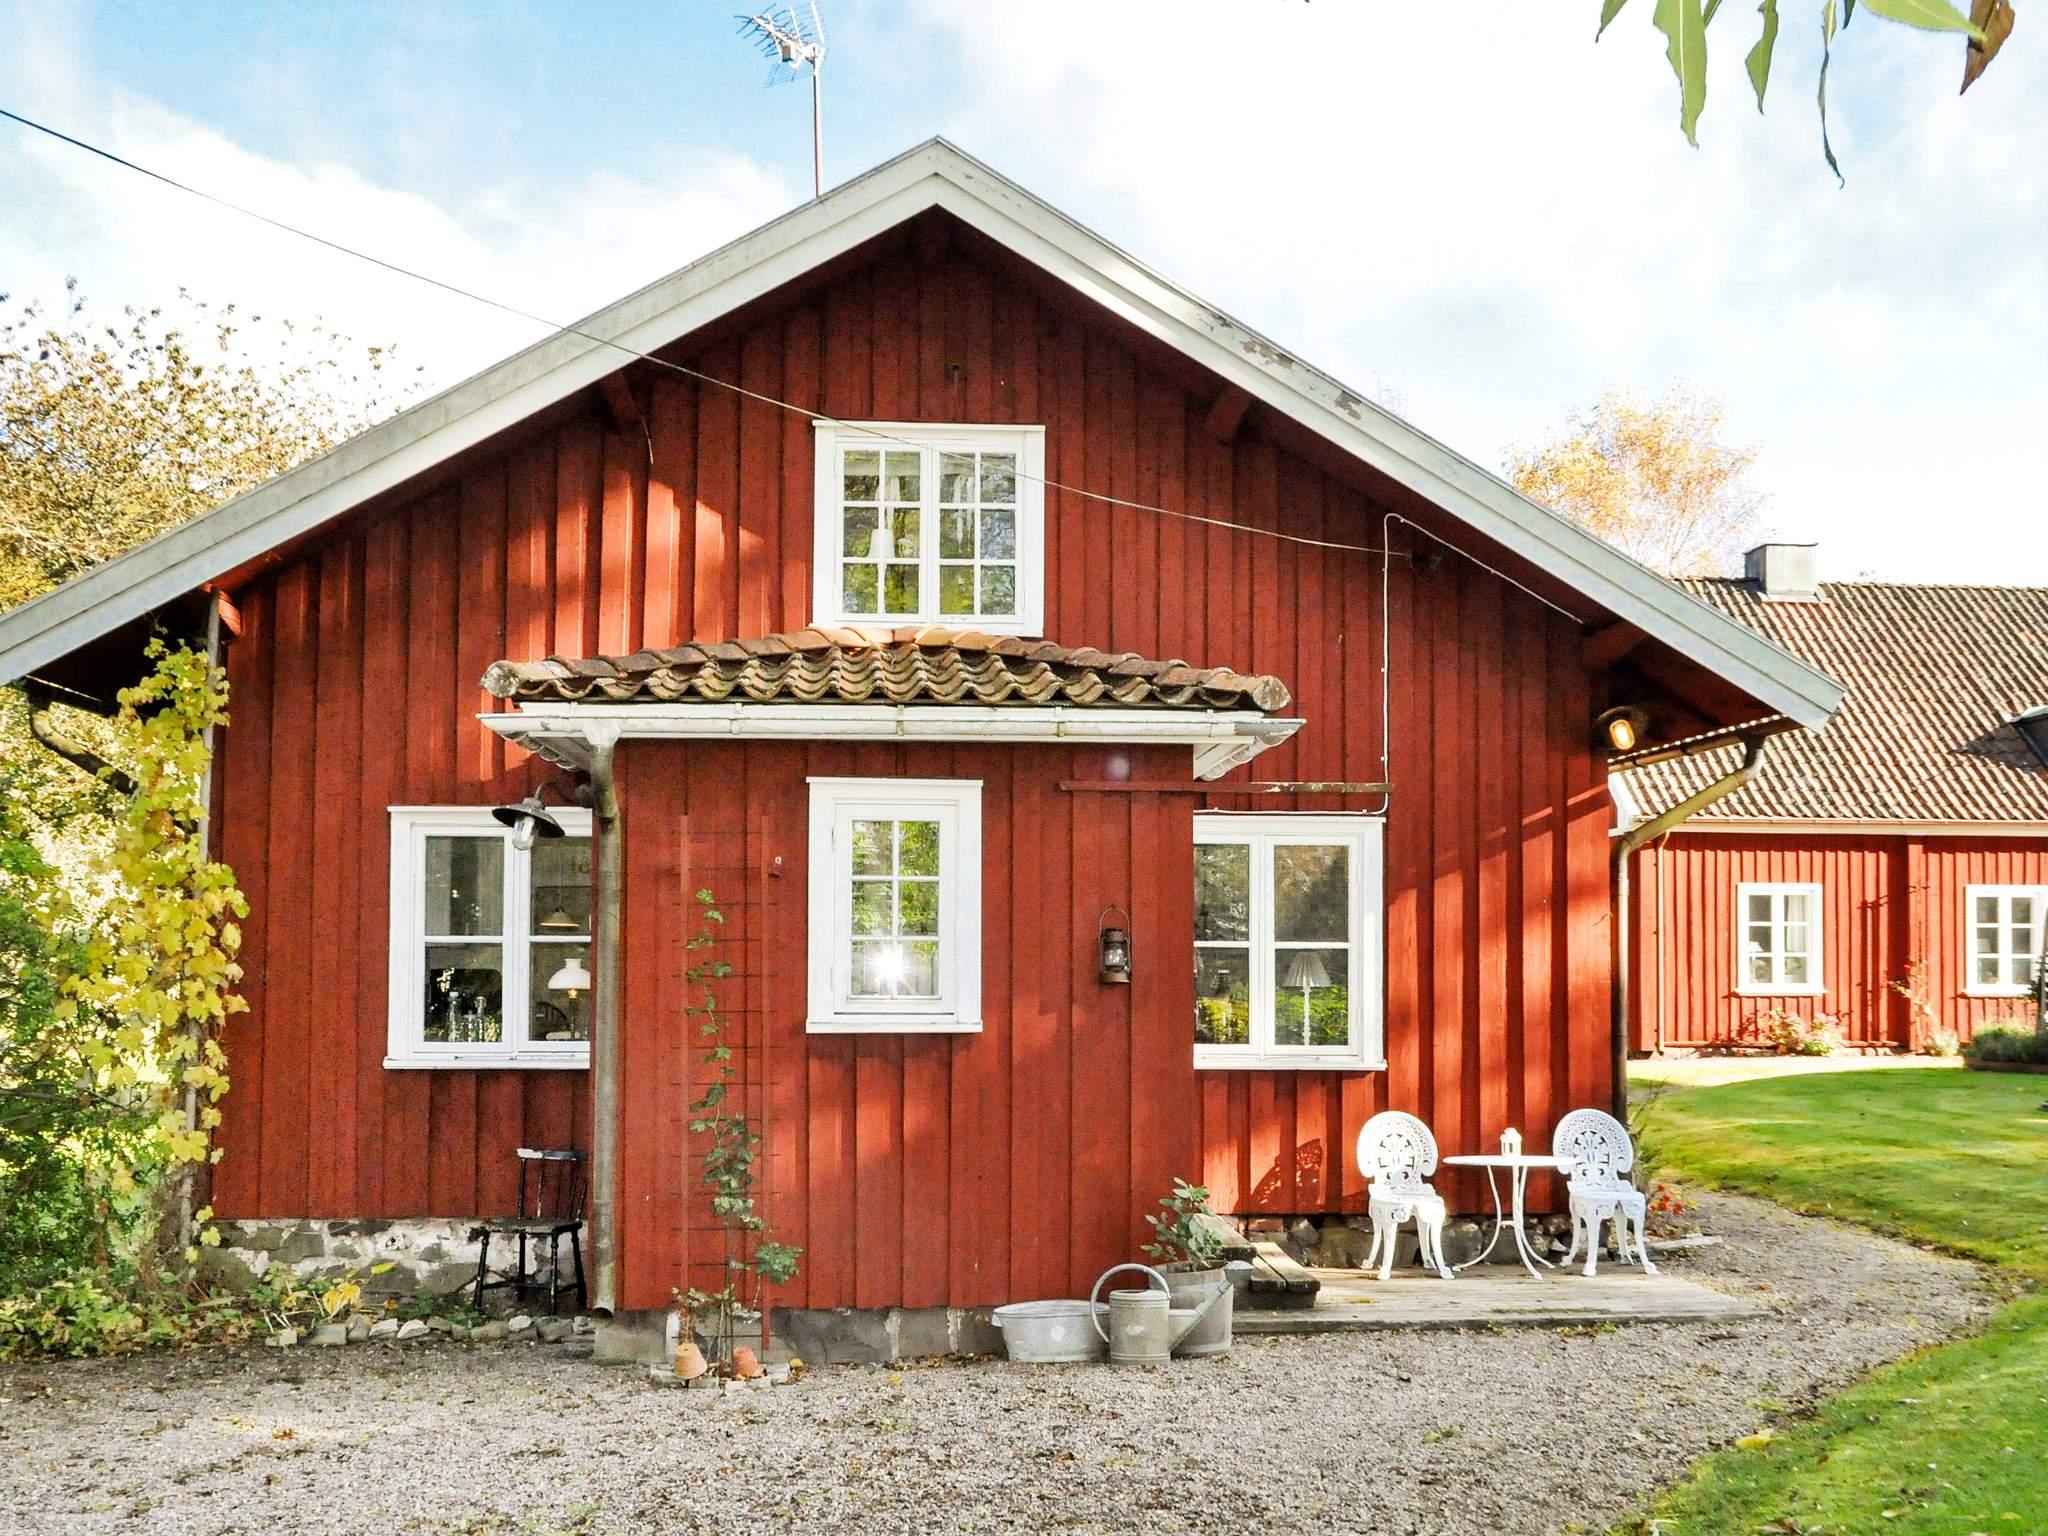 Ferienhaus Vargön (1726332), Vargön, Västra Götaland län, Westschweden, Schweden, Bild 1